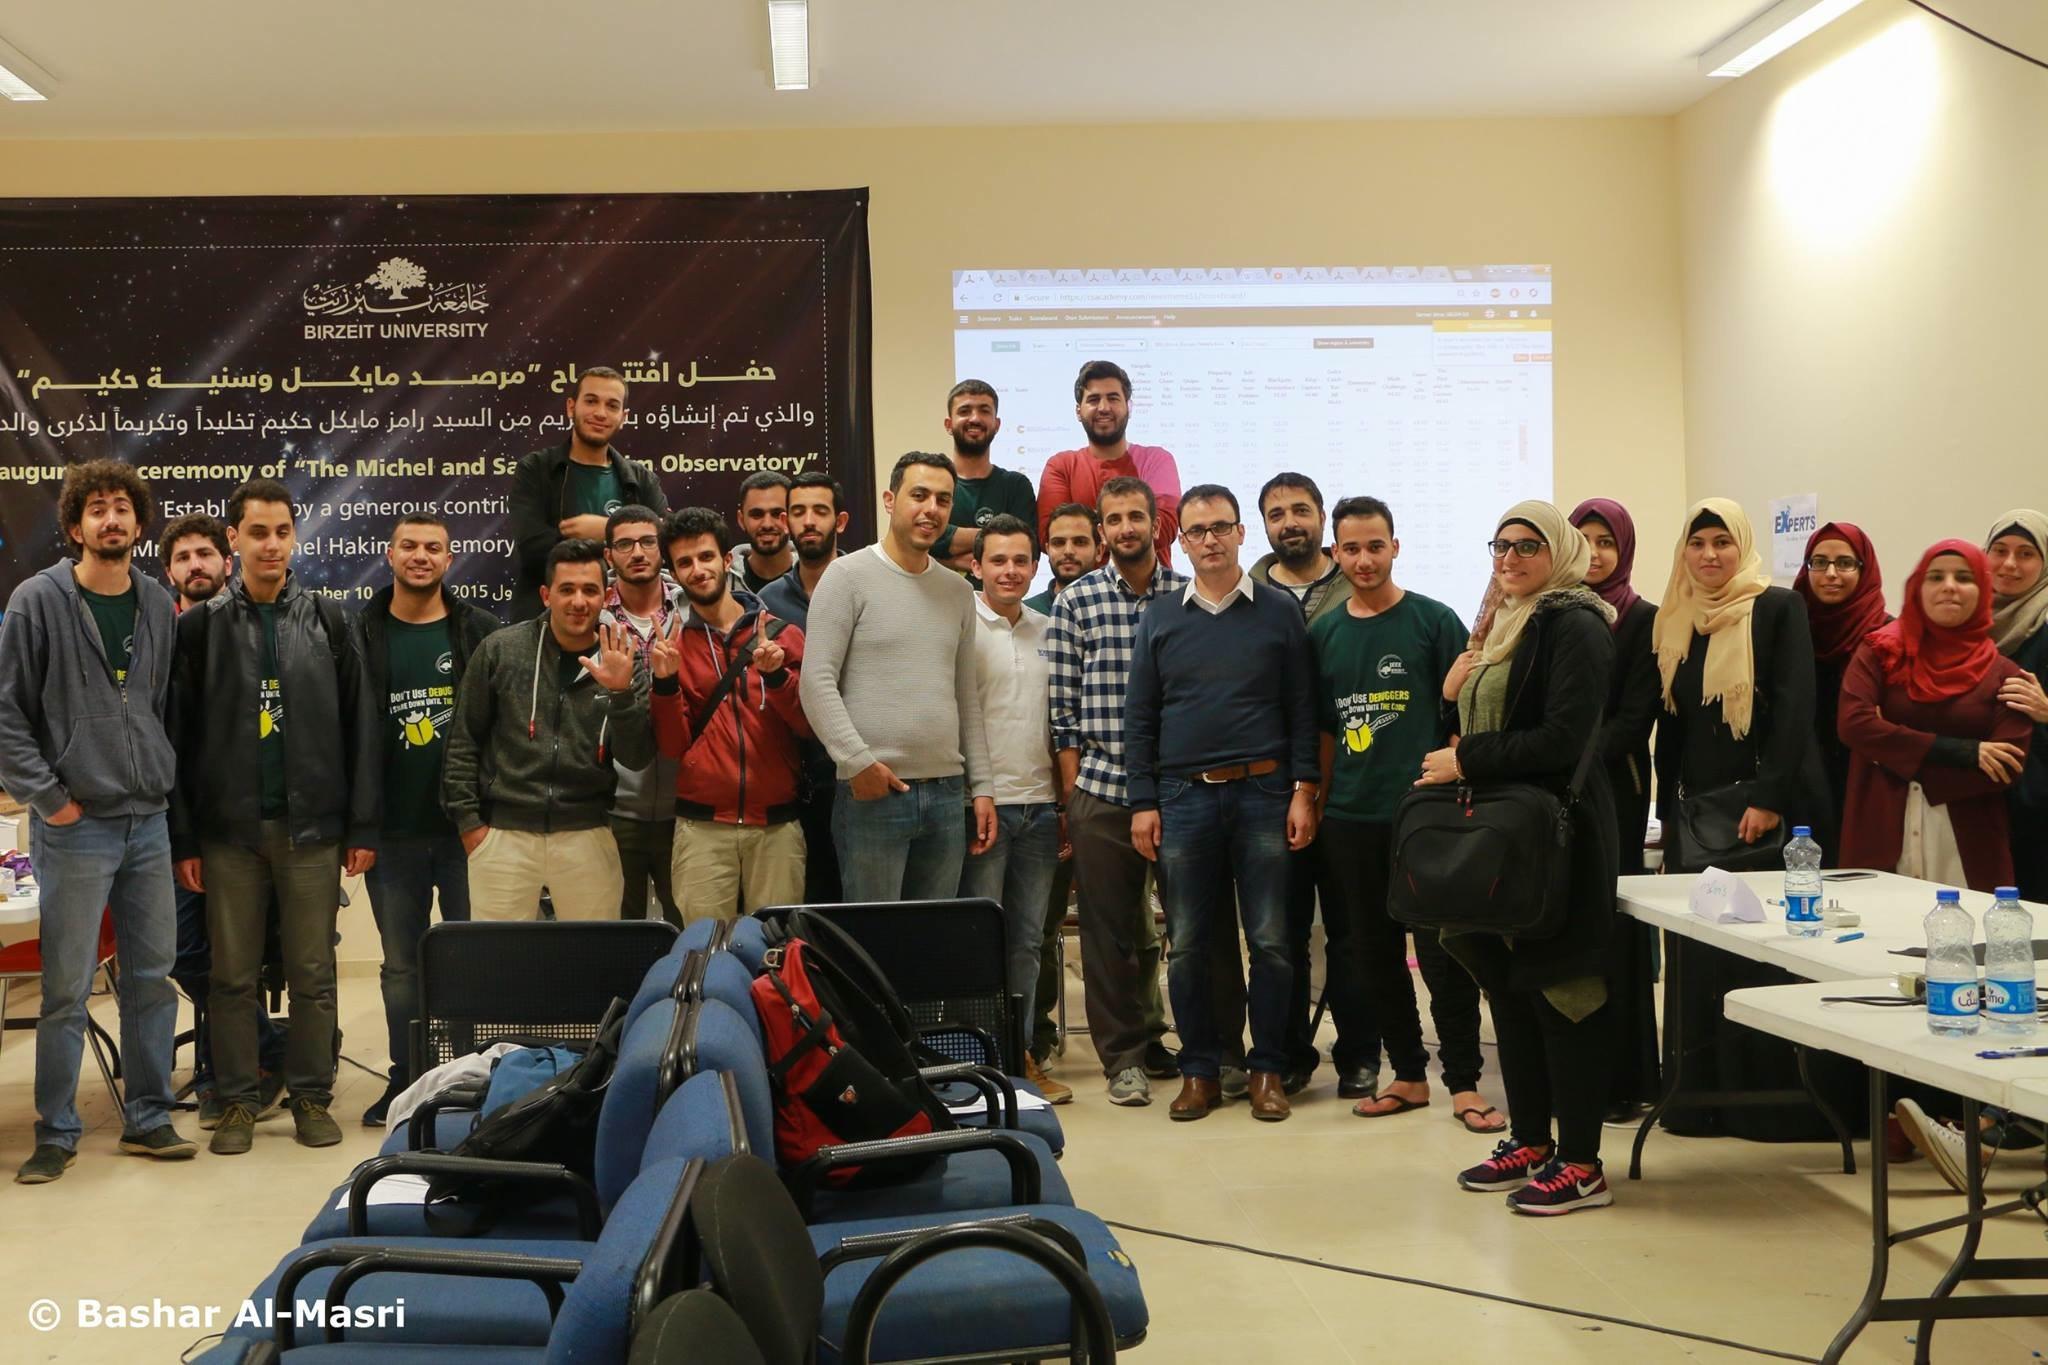 جامعة بيرزيت الأولى فلسطينياً في المسابقة العالمية  IEEEXtreme